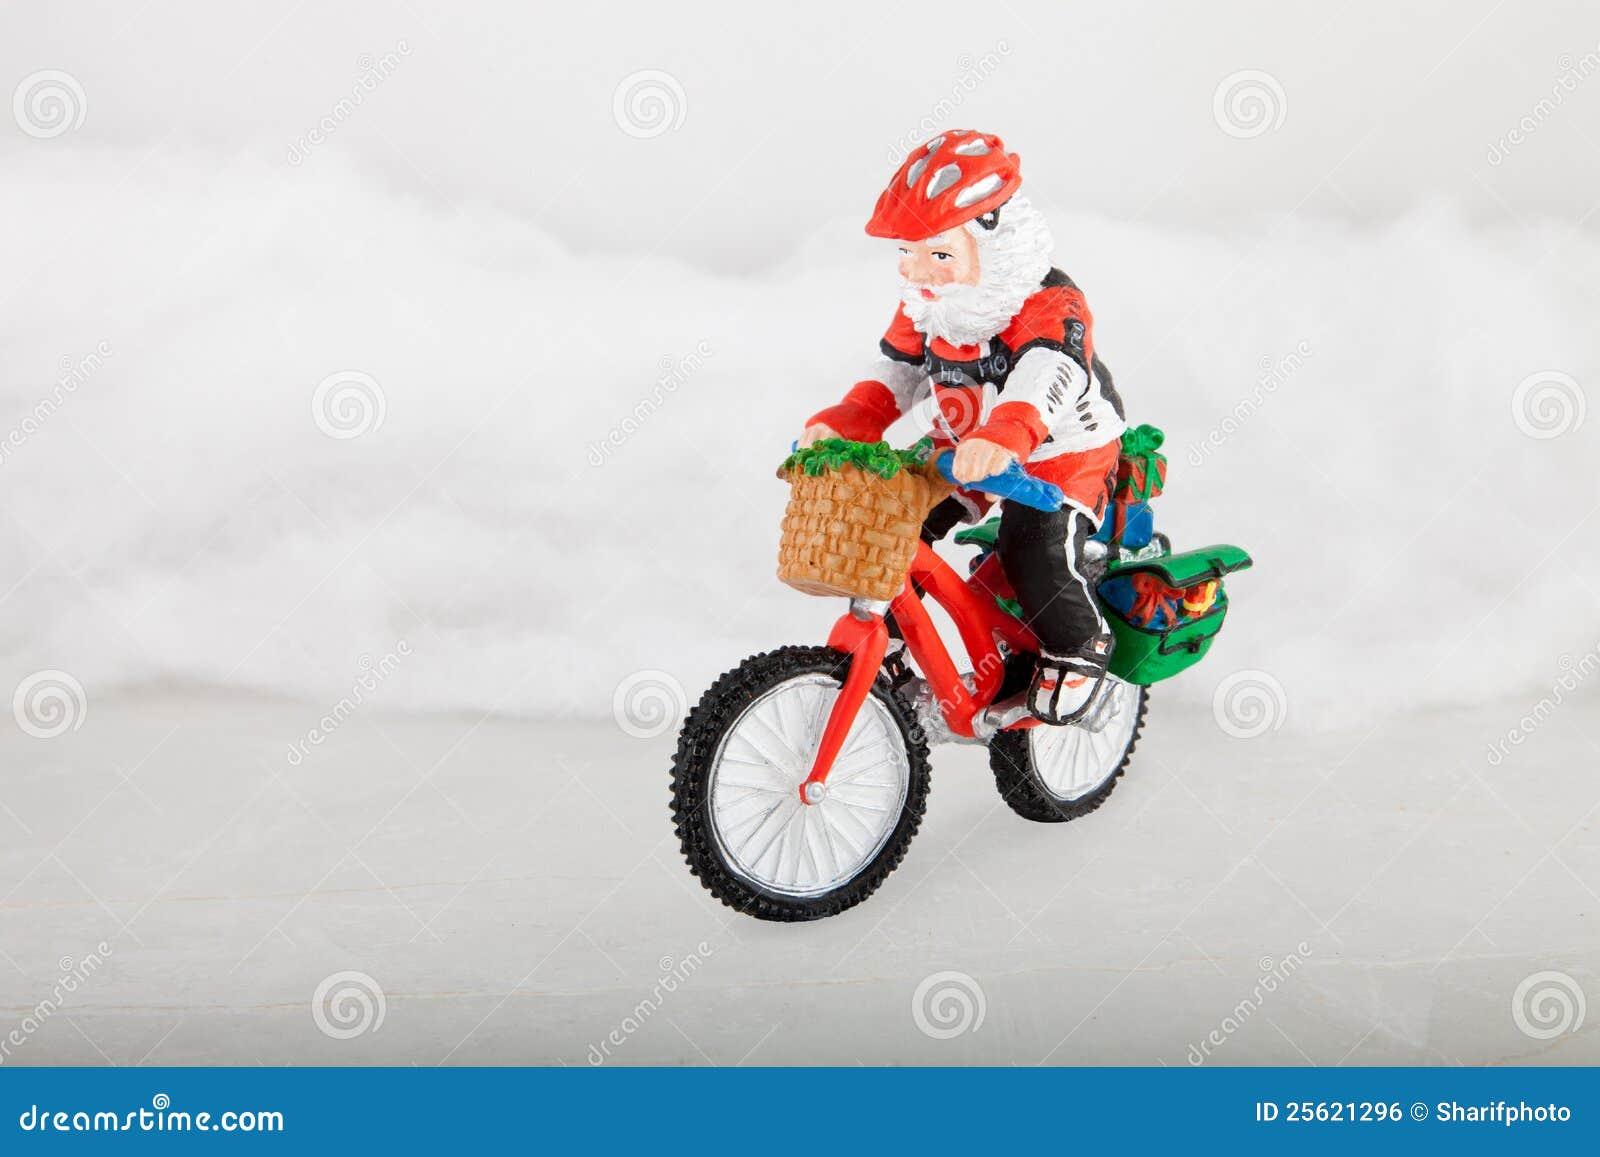 Babbo Natale In Bicicletta.Il Babbo Natale Miniatura Sulla Bici Fotografia Stock Immagine Di